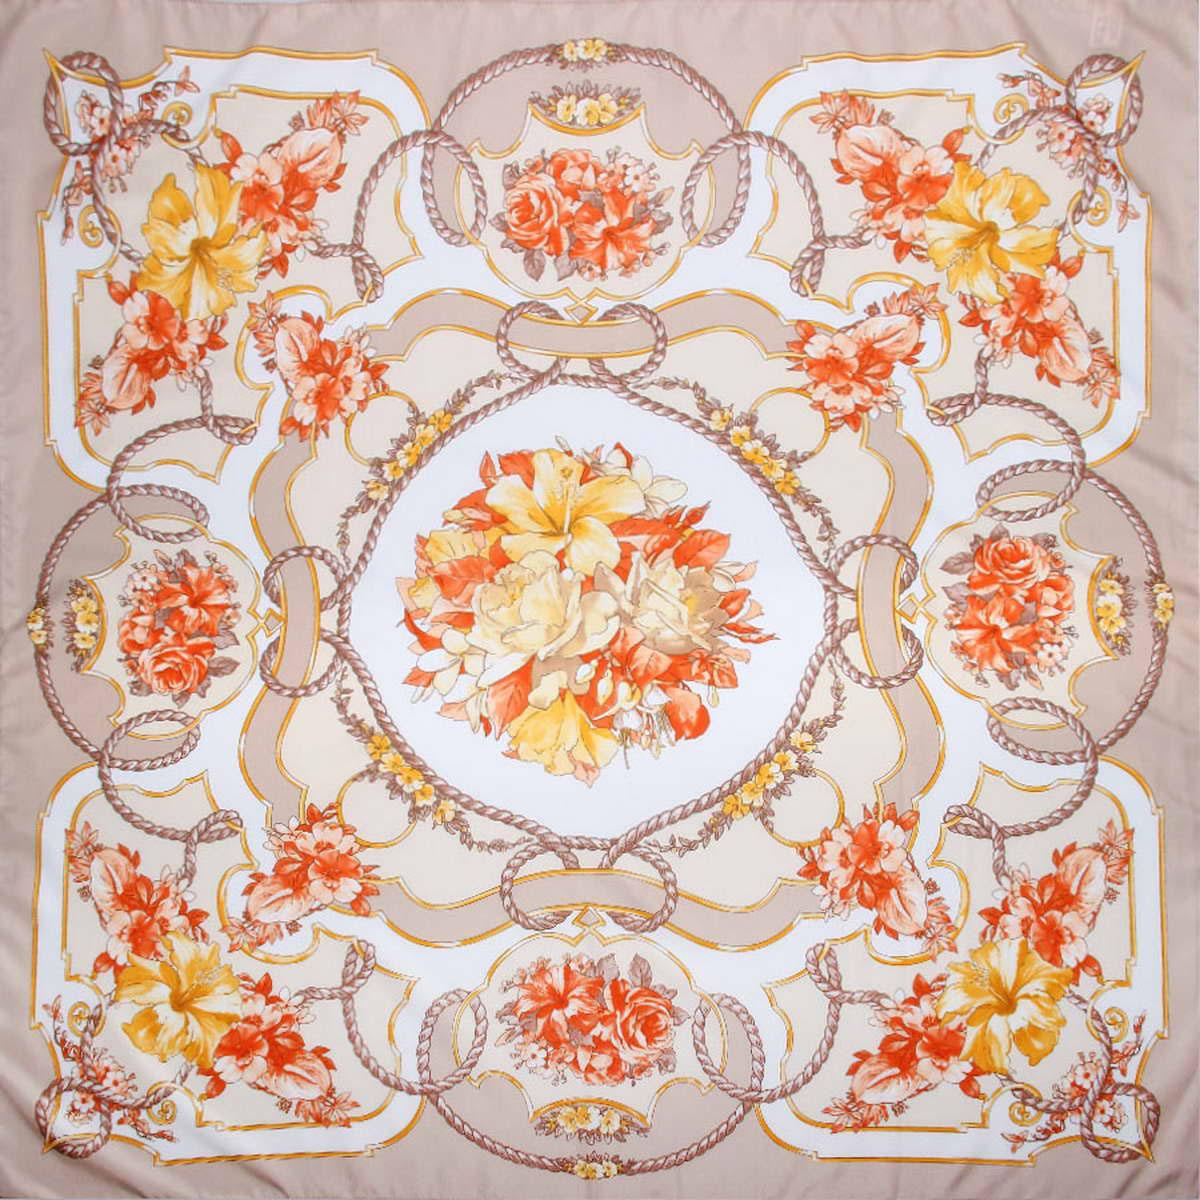 Платок женский Venera, цвет: бежевый, желтый, красный. 3904972-10. Размер 90 см х 90 см3904972-10Стильный женский платок Venera станет великолепным завершением любого наряда. Платок, изготовленный из полиэстера, оформлен цветочным принтом. Классическая квадратная форма позволяет носить платок на шее, украшать им прическу или декорировать сумочку. Легкий и приятный на ощупь платок поможет вам создать изысканный женственный образ. Такой платок превосходно дополнит любой наряд и подчеркнет ваш неповторимый вкус и элегантность.